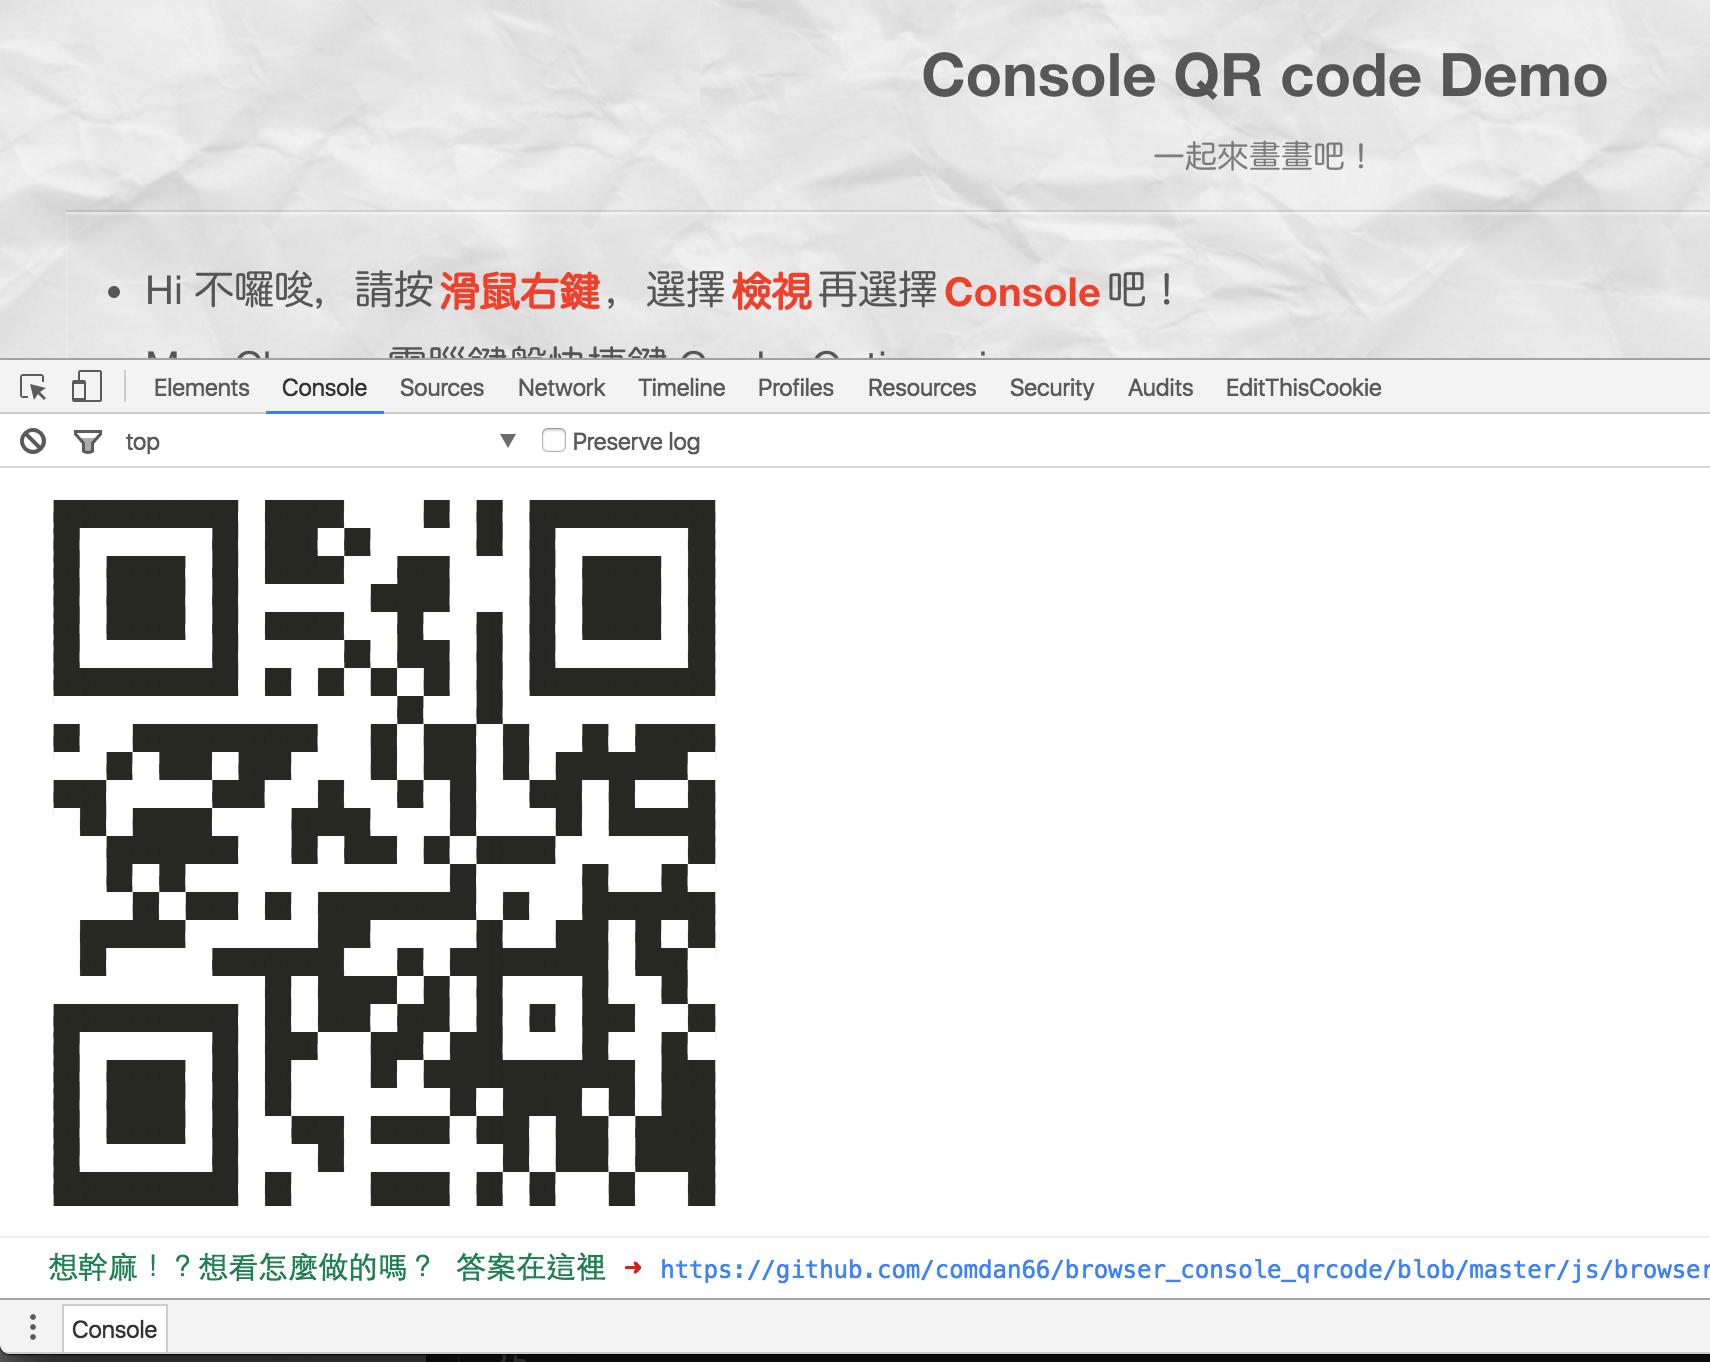 瀏覽器 Console 介面內的 QR Code 樣式